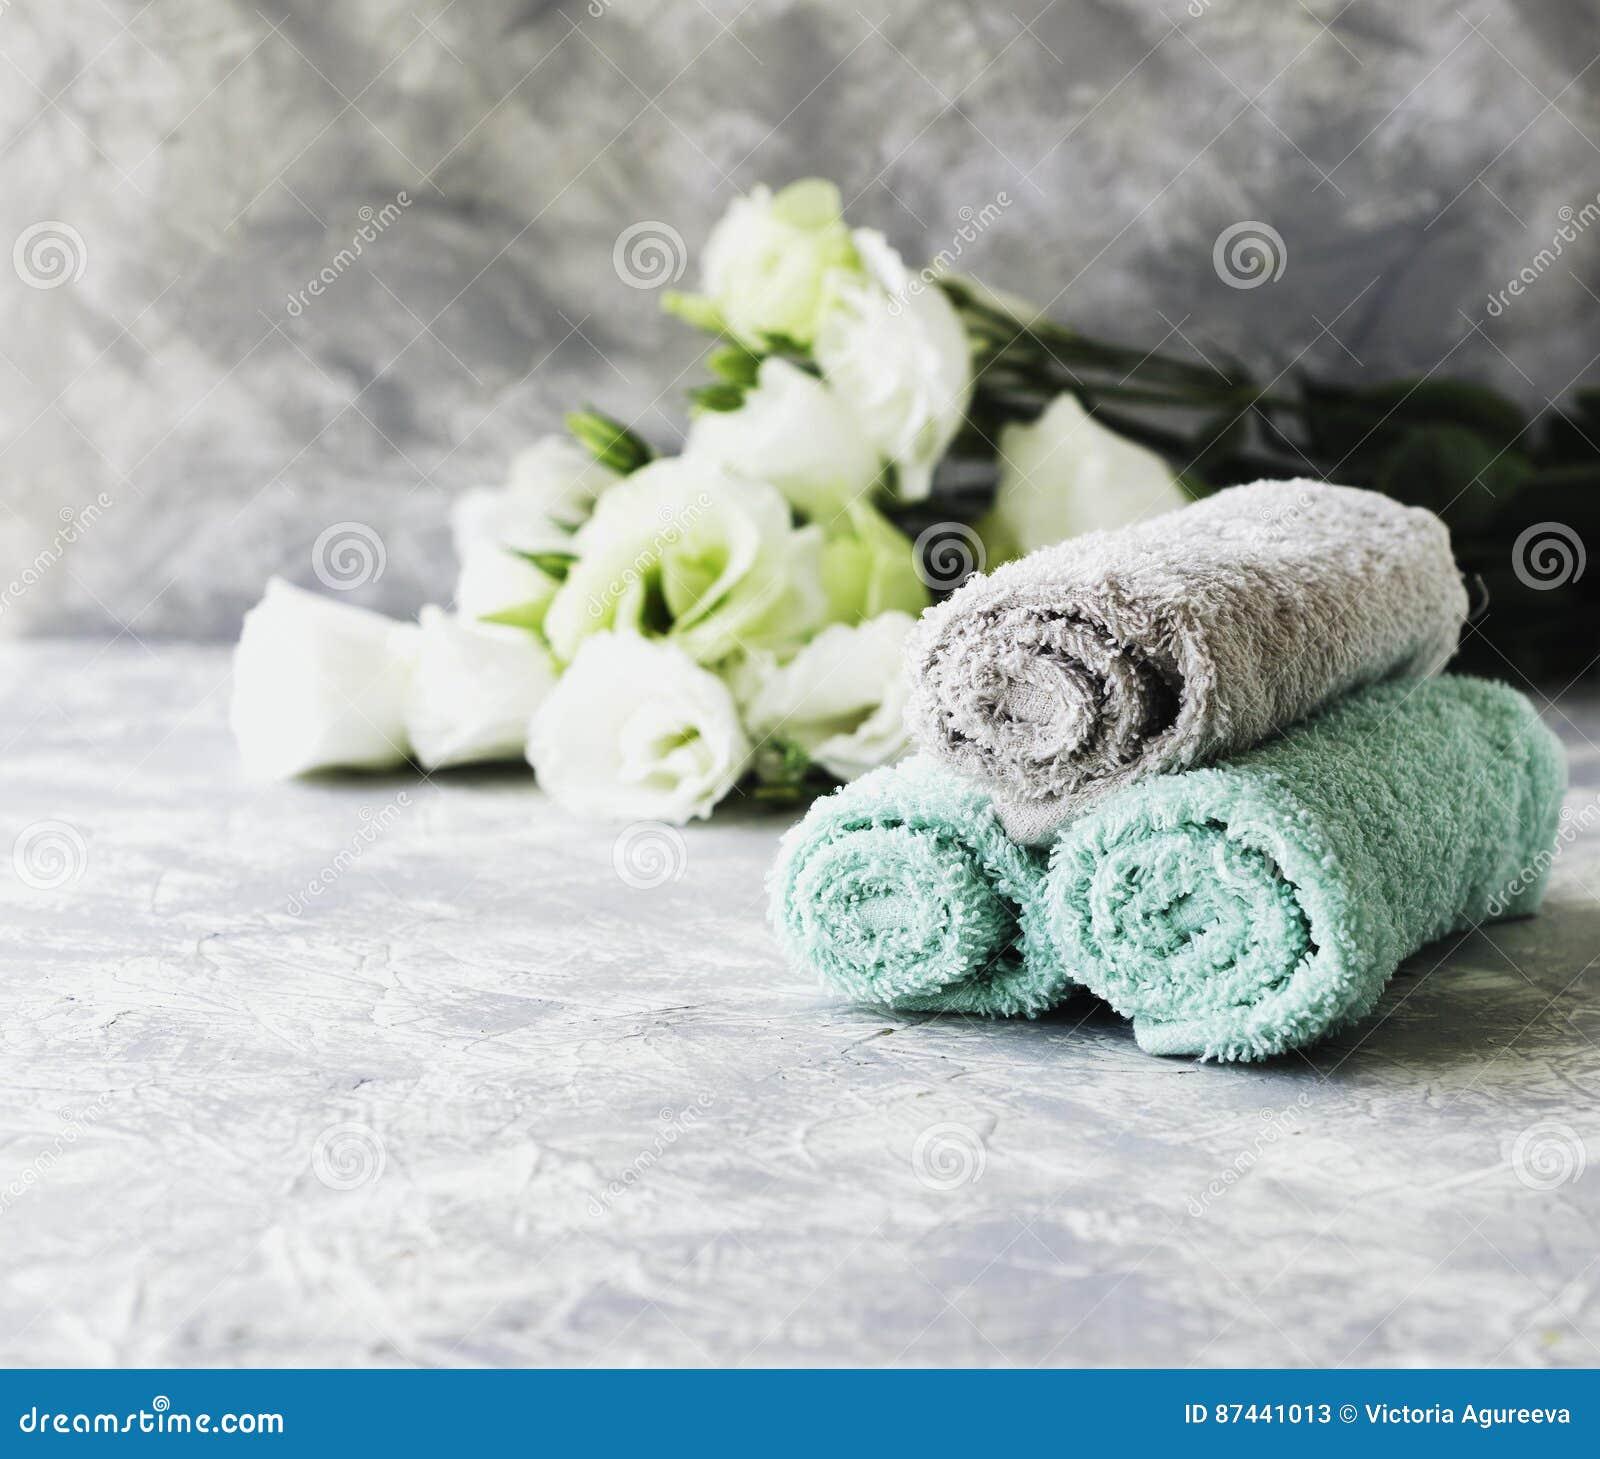 Sterta ręczniki z kwiatami dla zdrój przestrzeni pod tekstem, selekcyjna ostrość